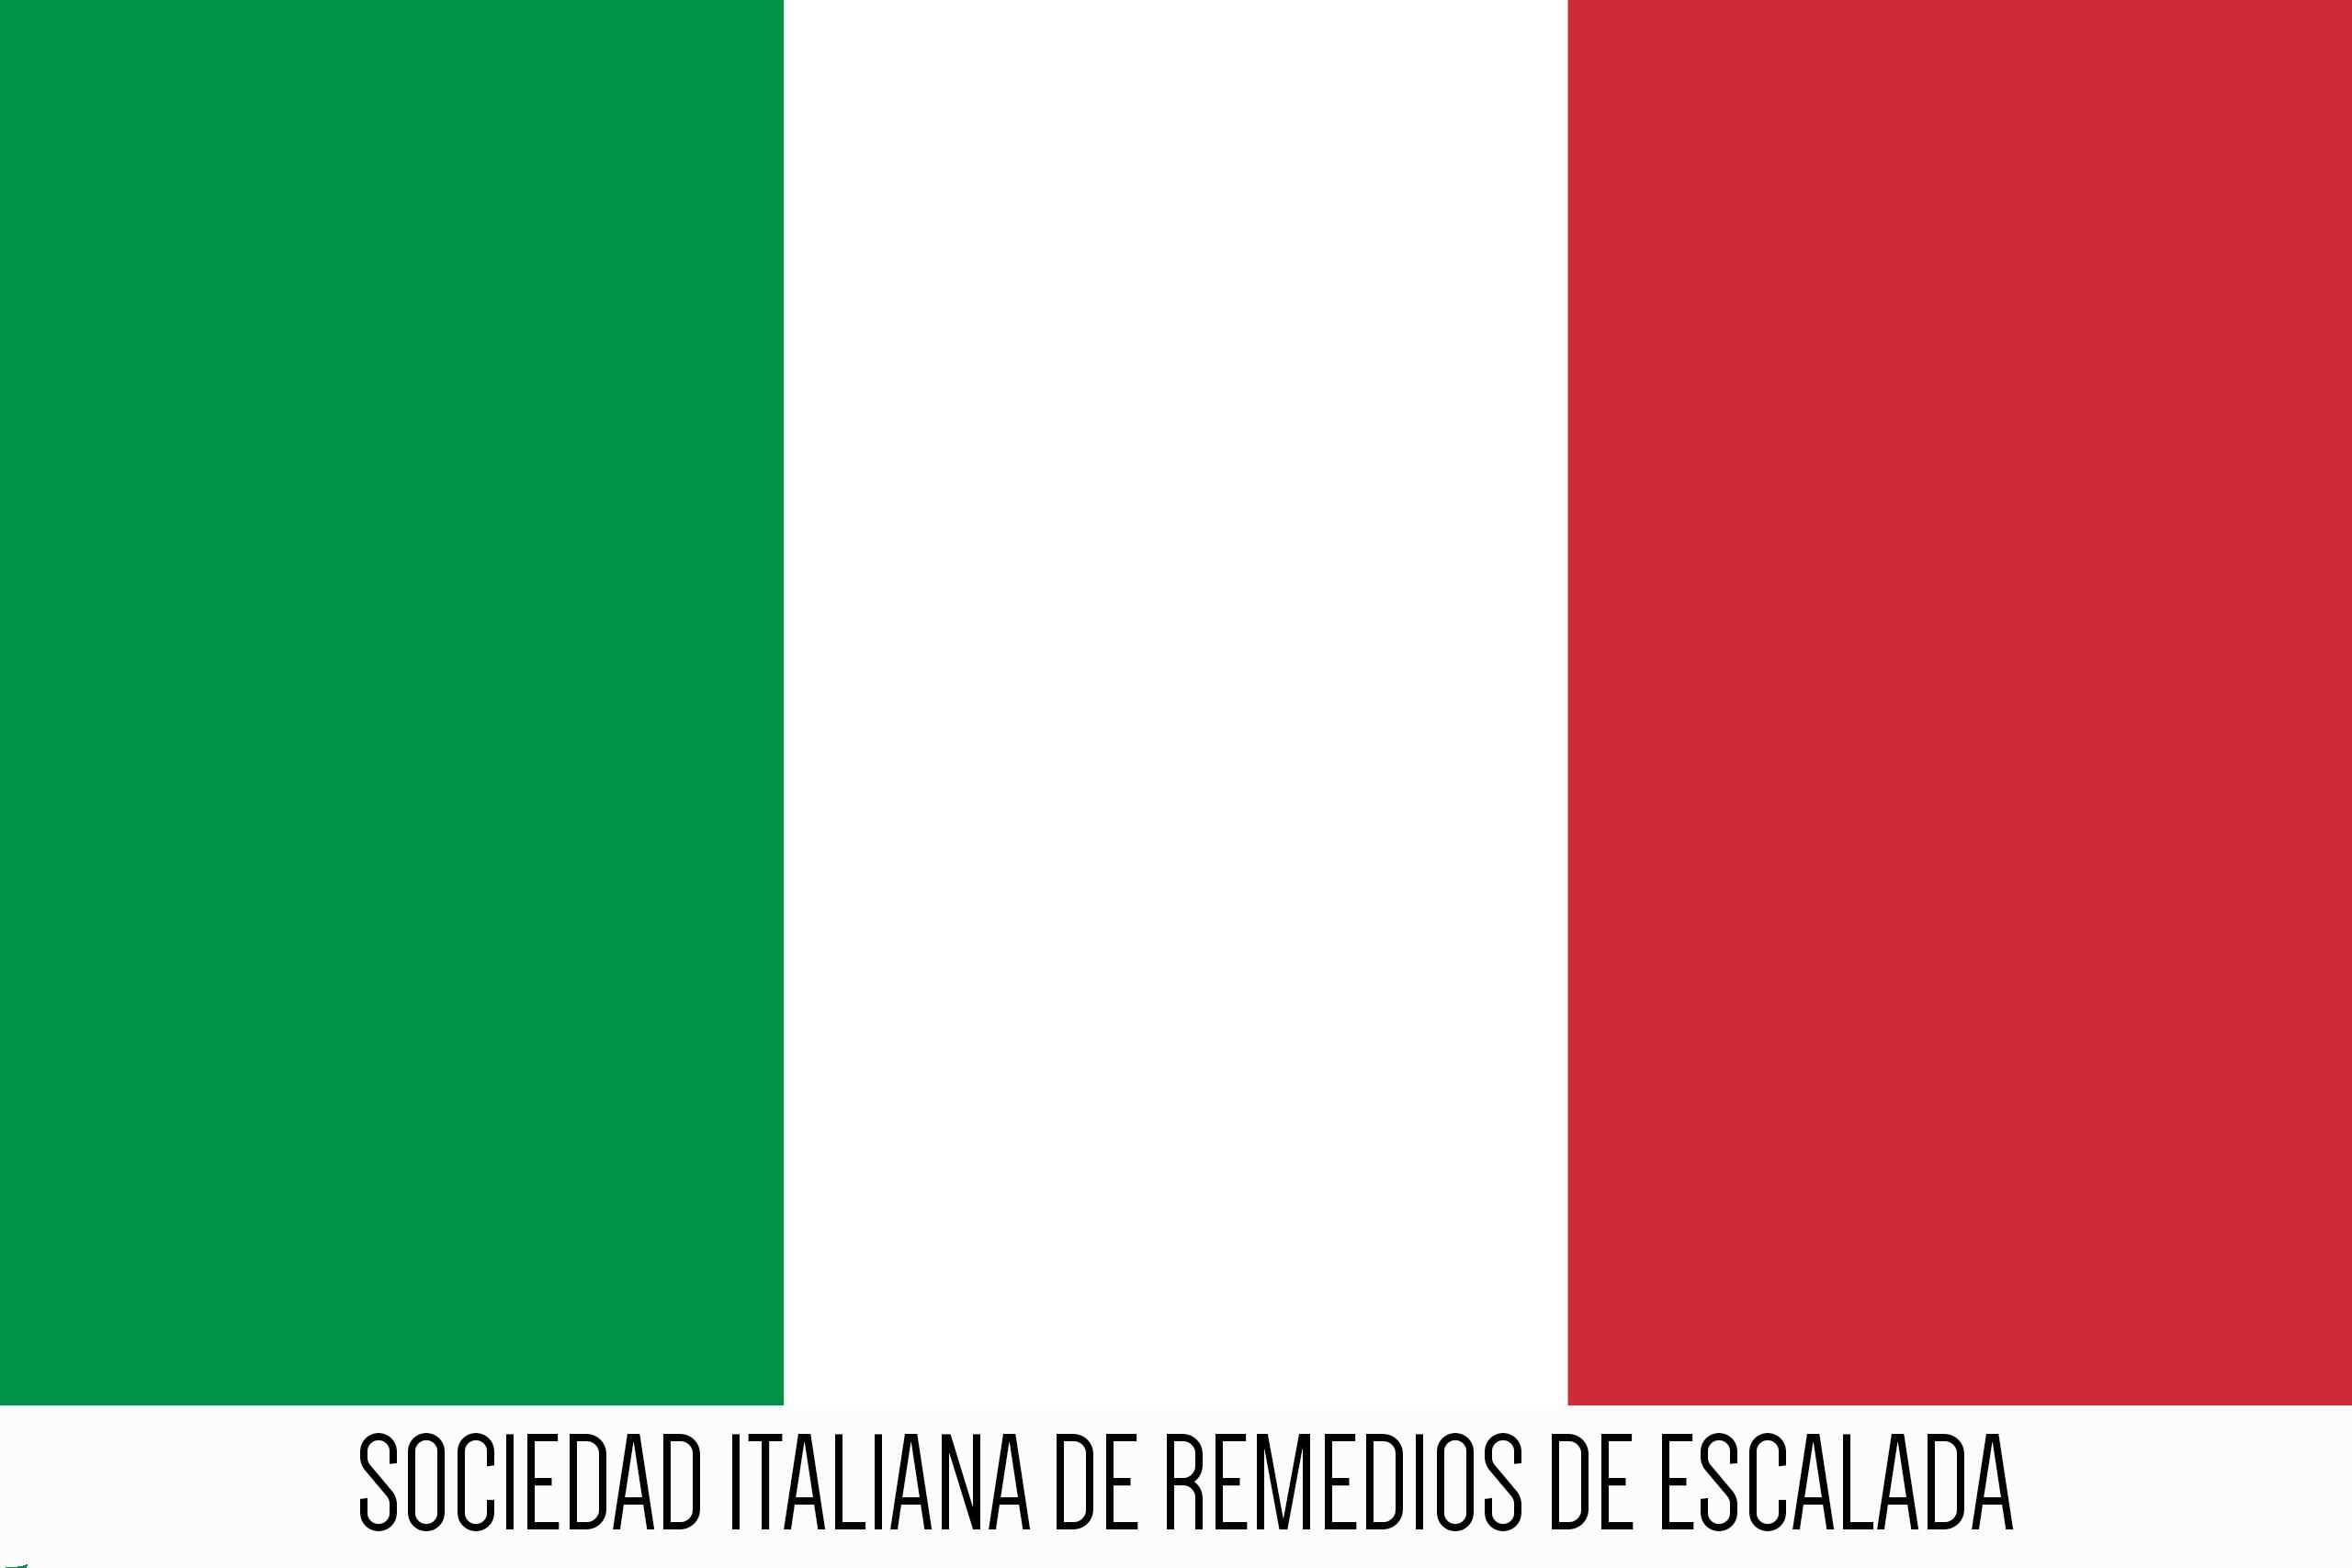 Sociedad Italiana de Remedios de Escalada